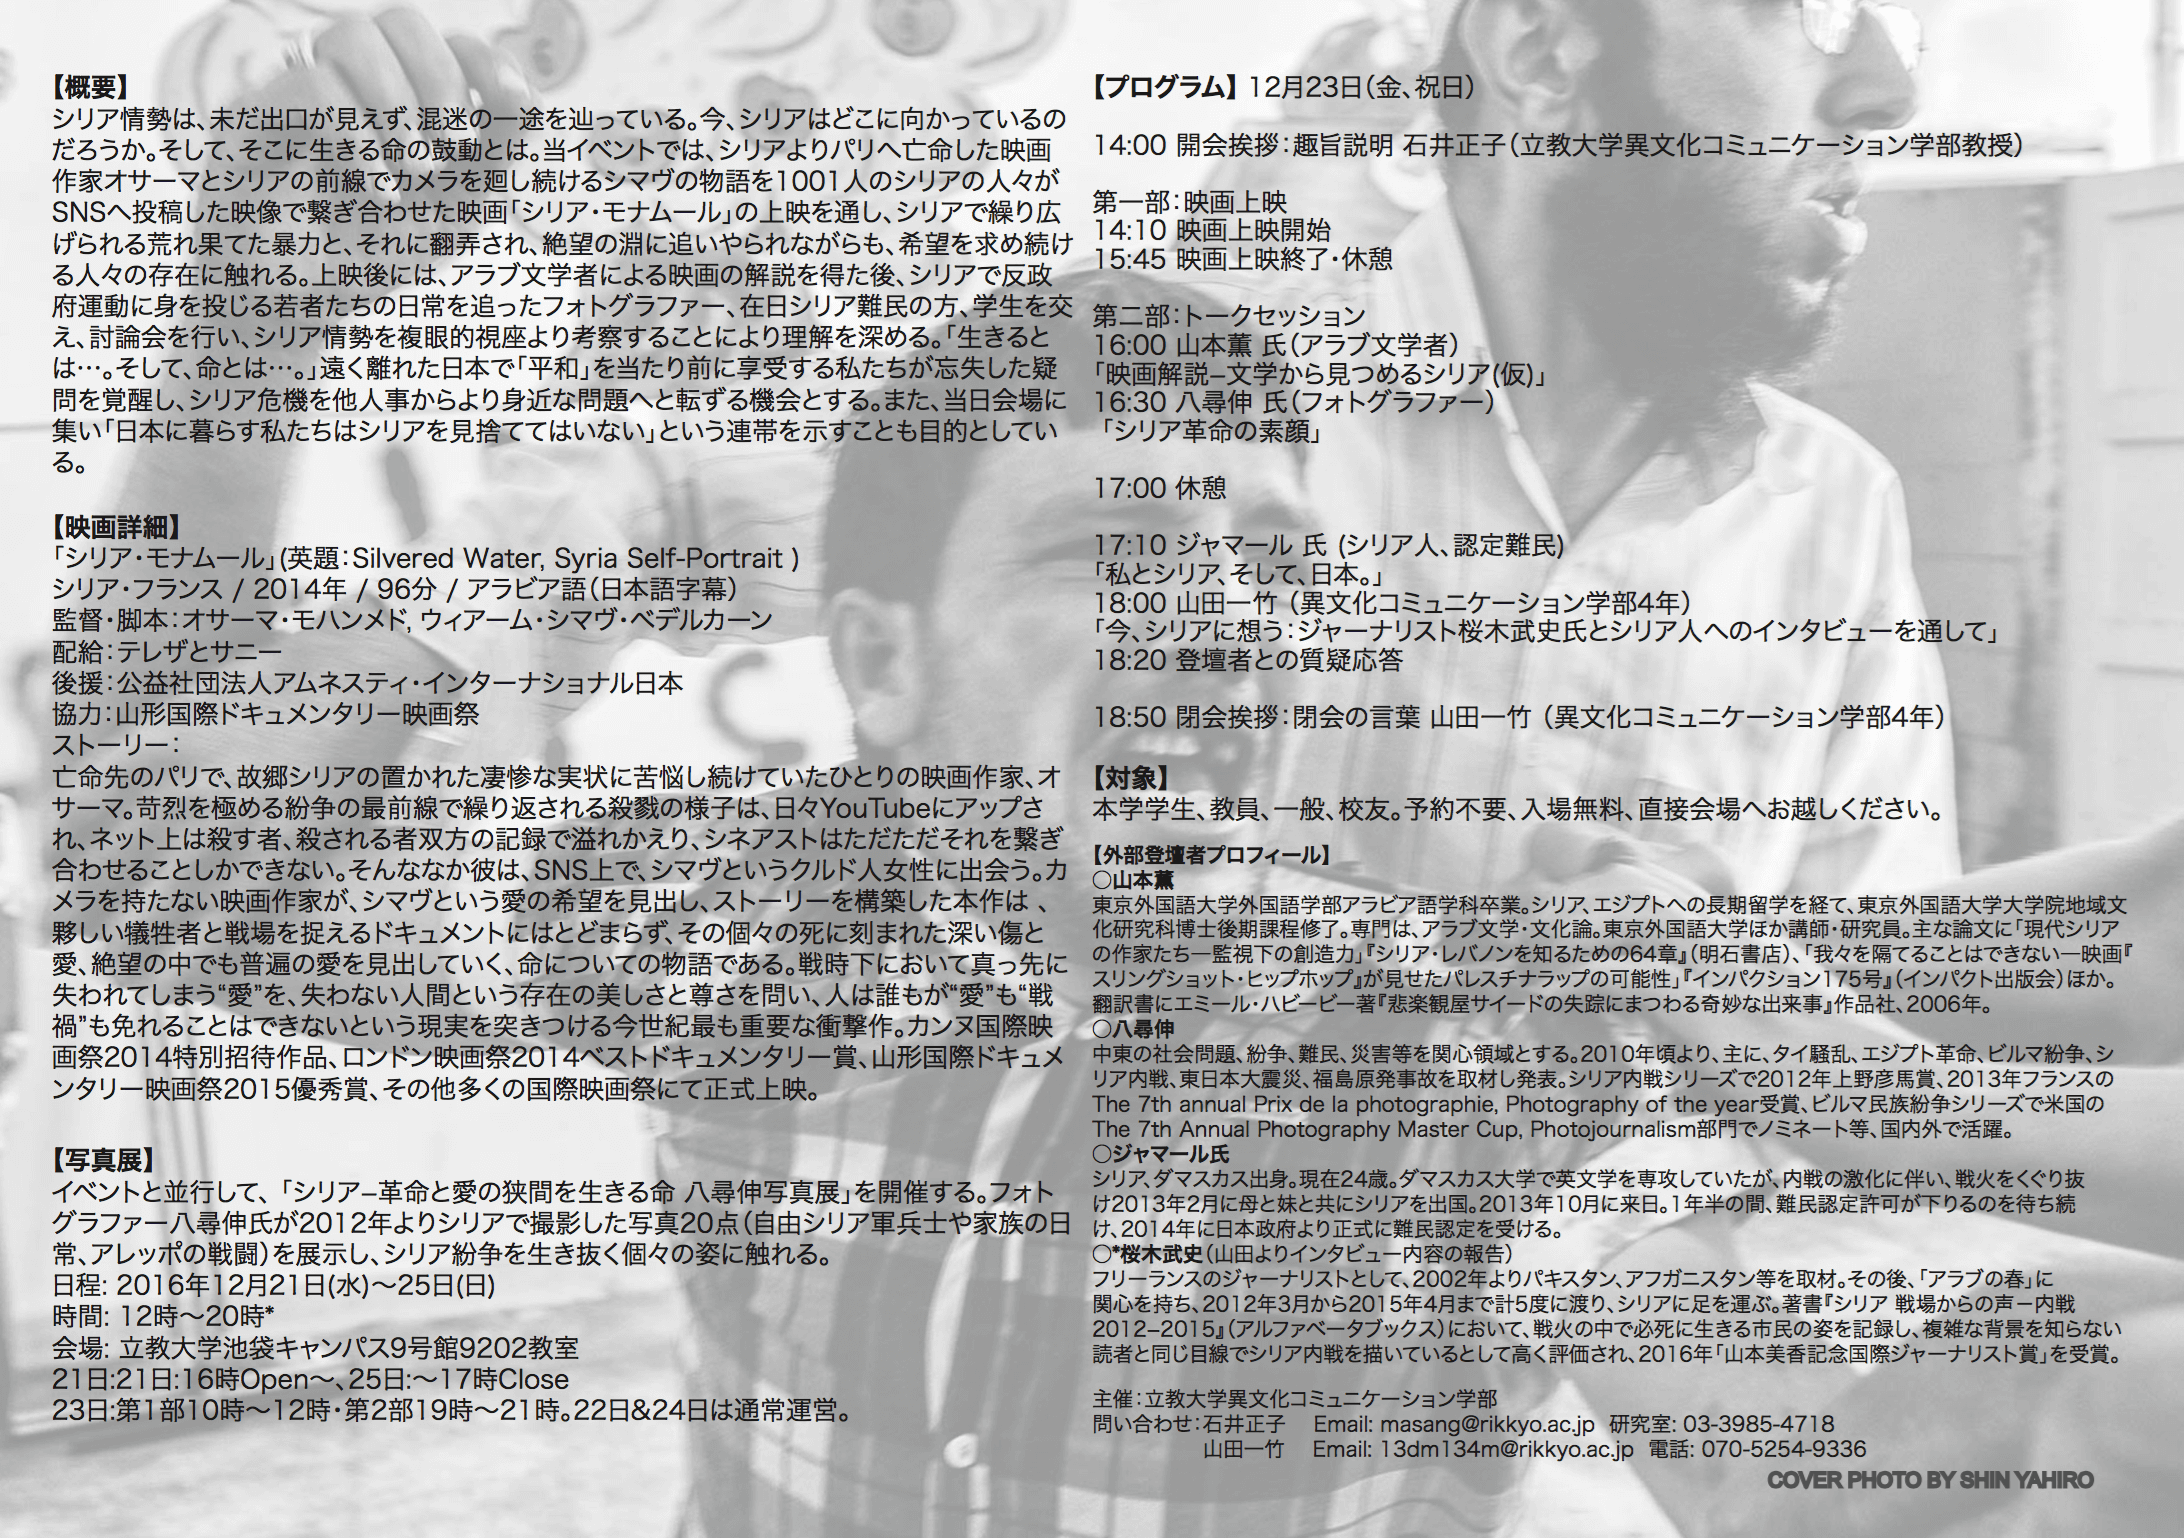 スクリーンショット 2016-11-26 16.32.10